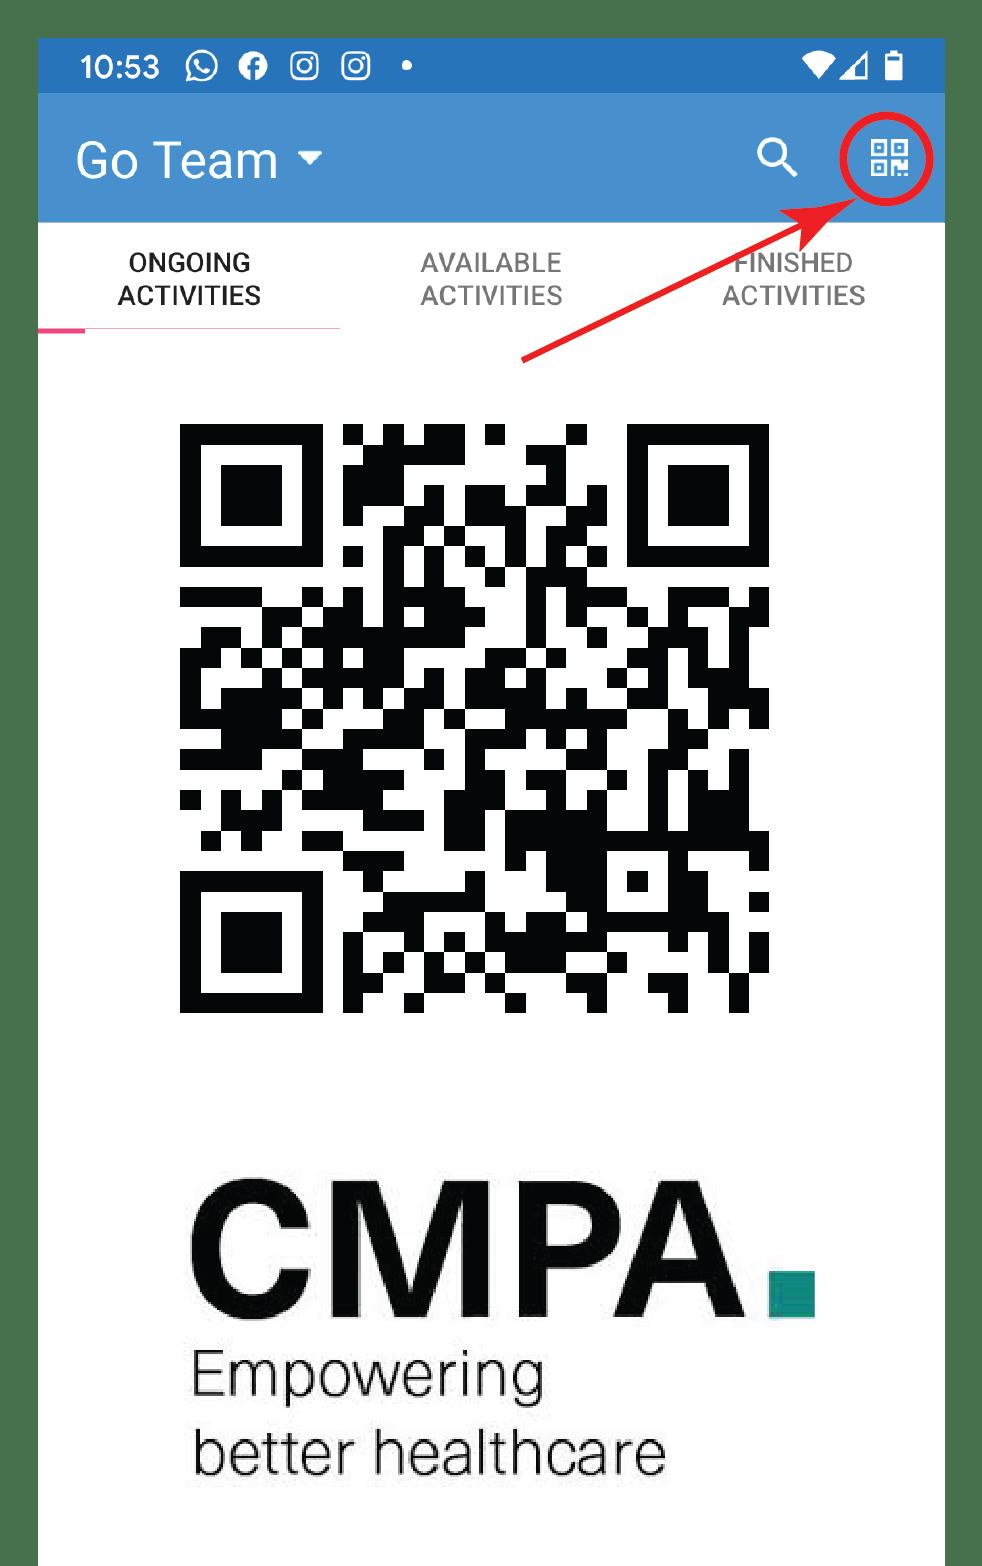 QR-RATW-CMPA2-01